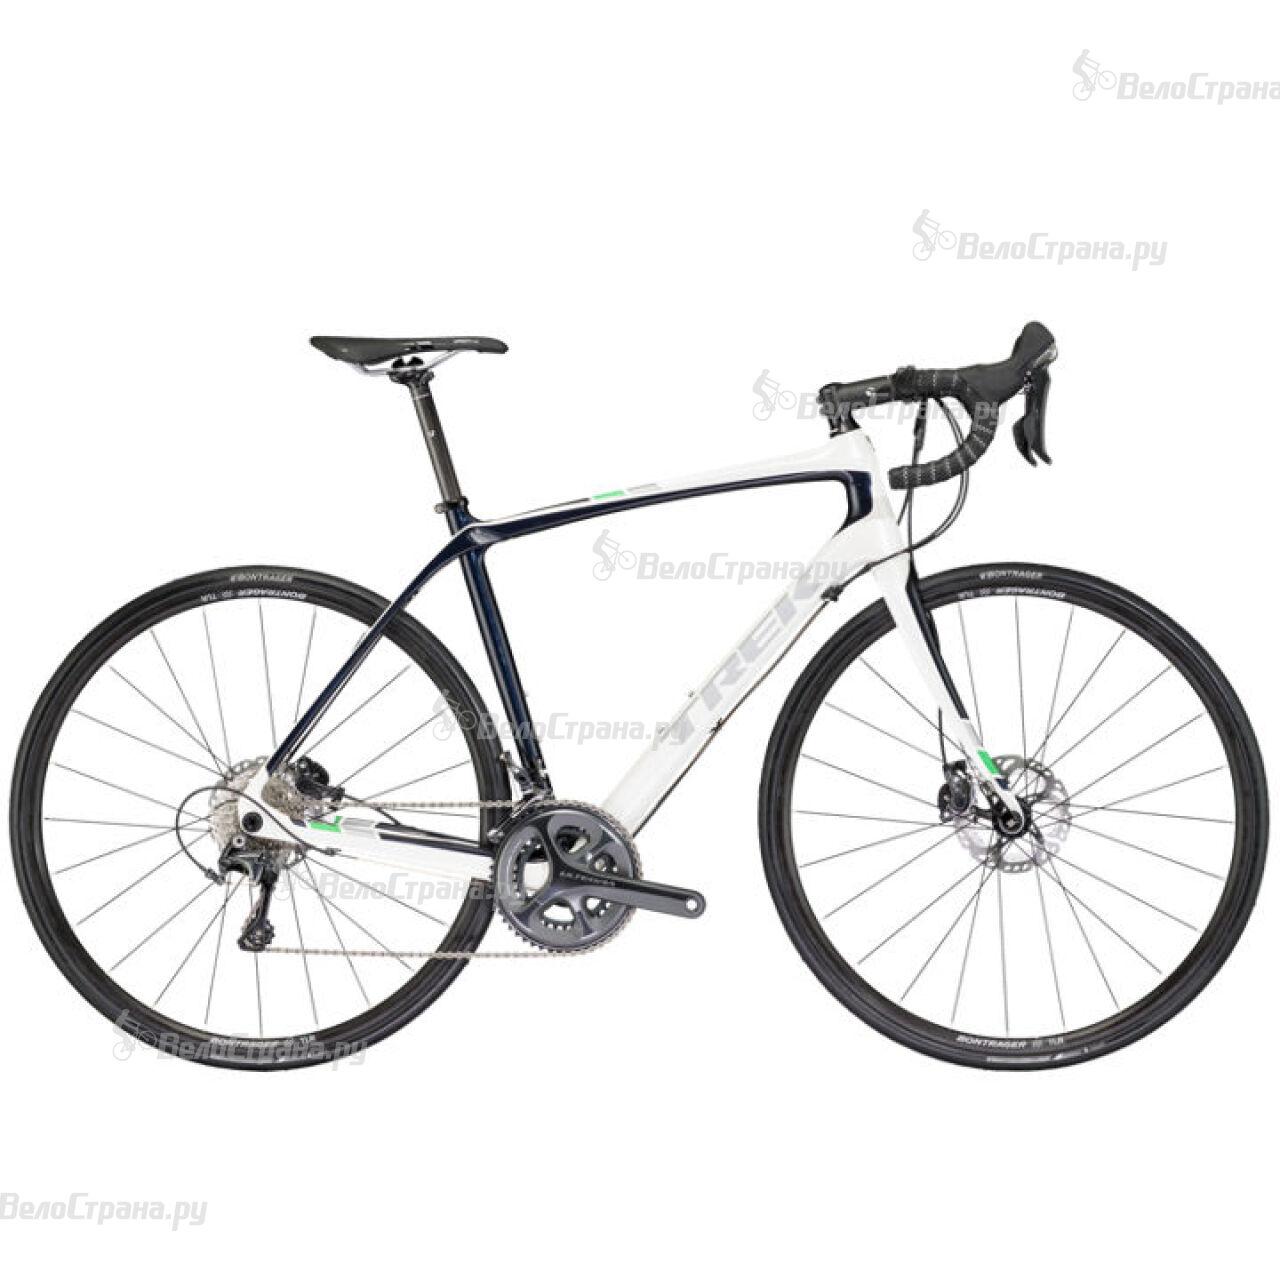 Велосипед Trek Domane S 6 (2017) велосипед trek domane 6 2 disc 2016